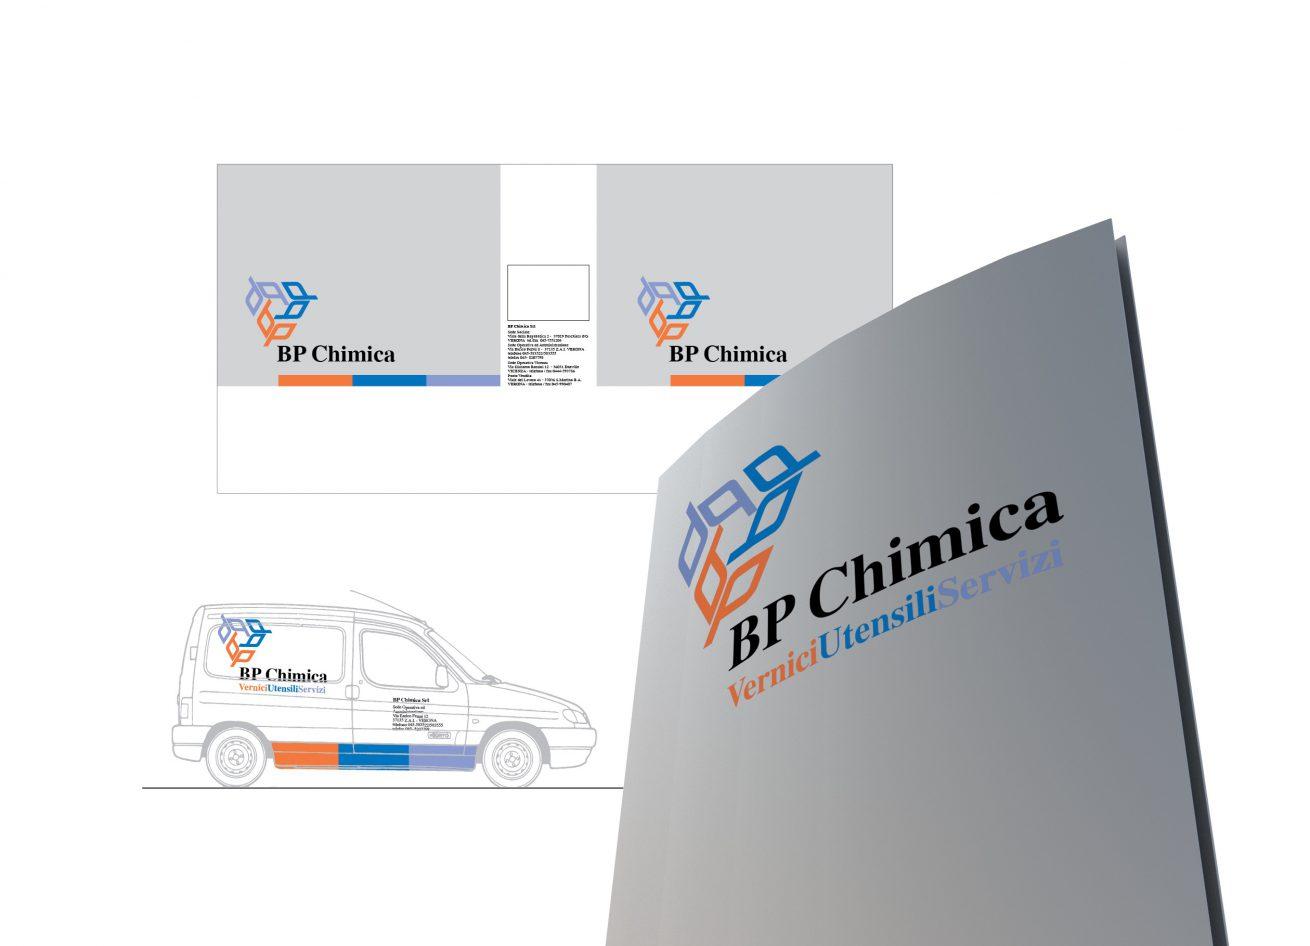 design brand aziendale, marchio e immagine coordinata BP Chimica